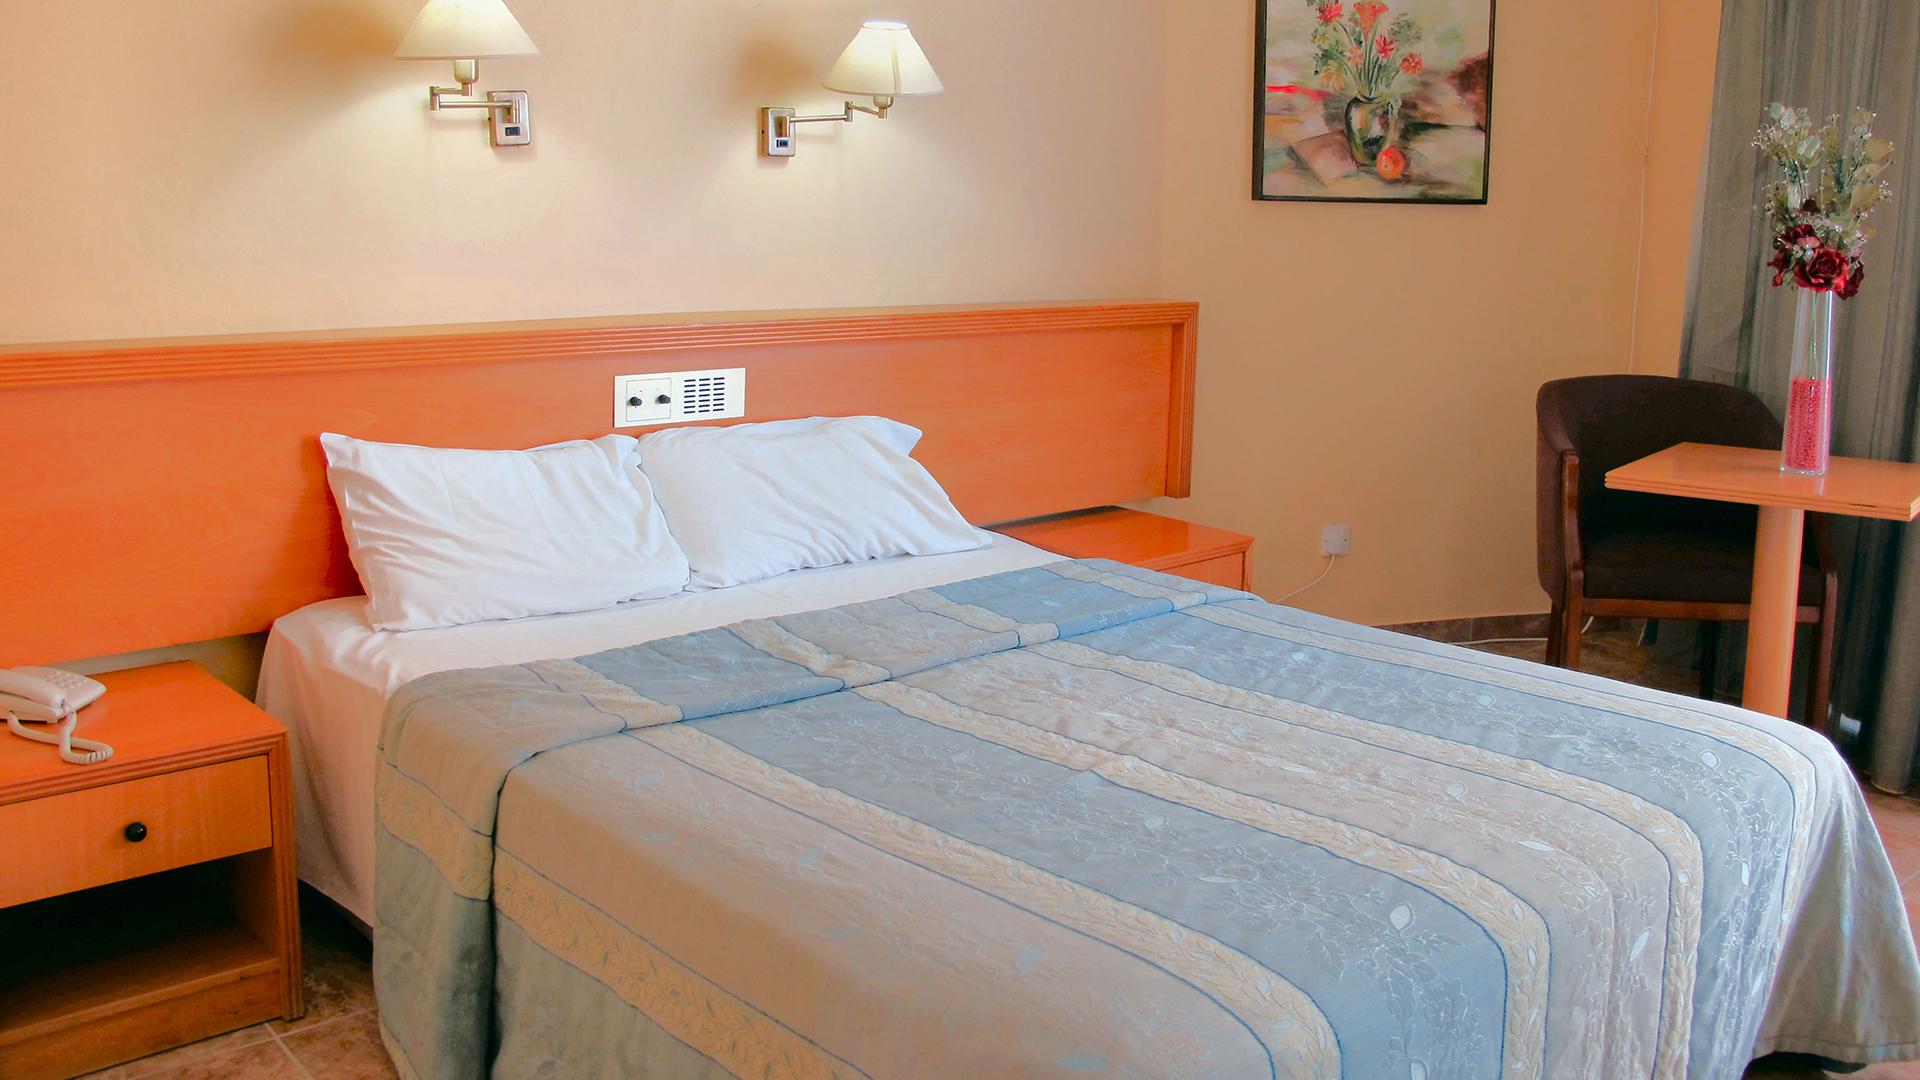 для своего отель фламинго ларнака сайт отеля термобелье поленитесь